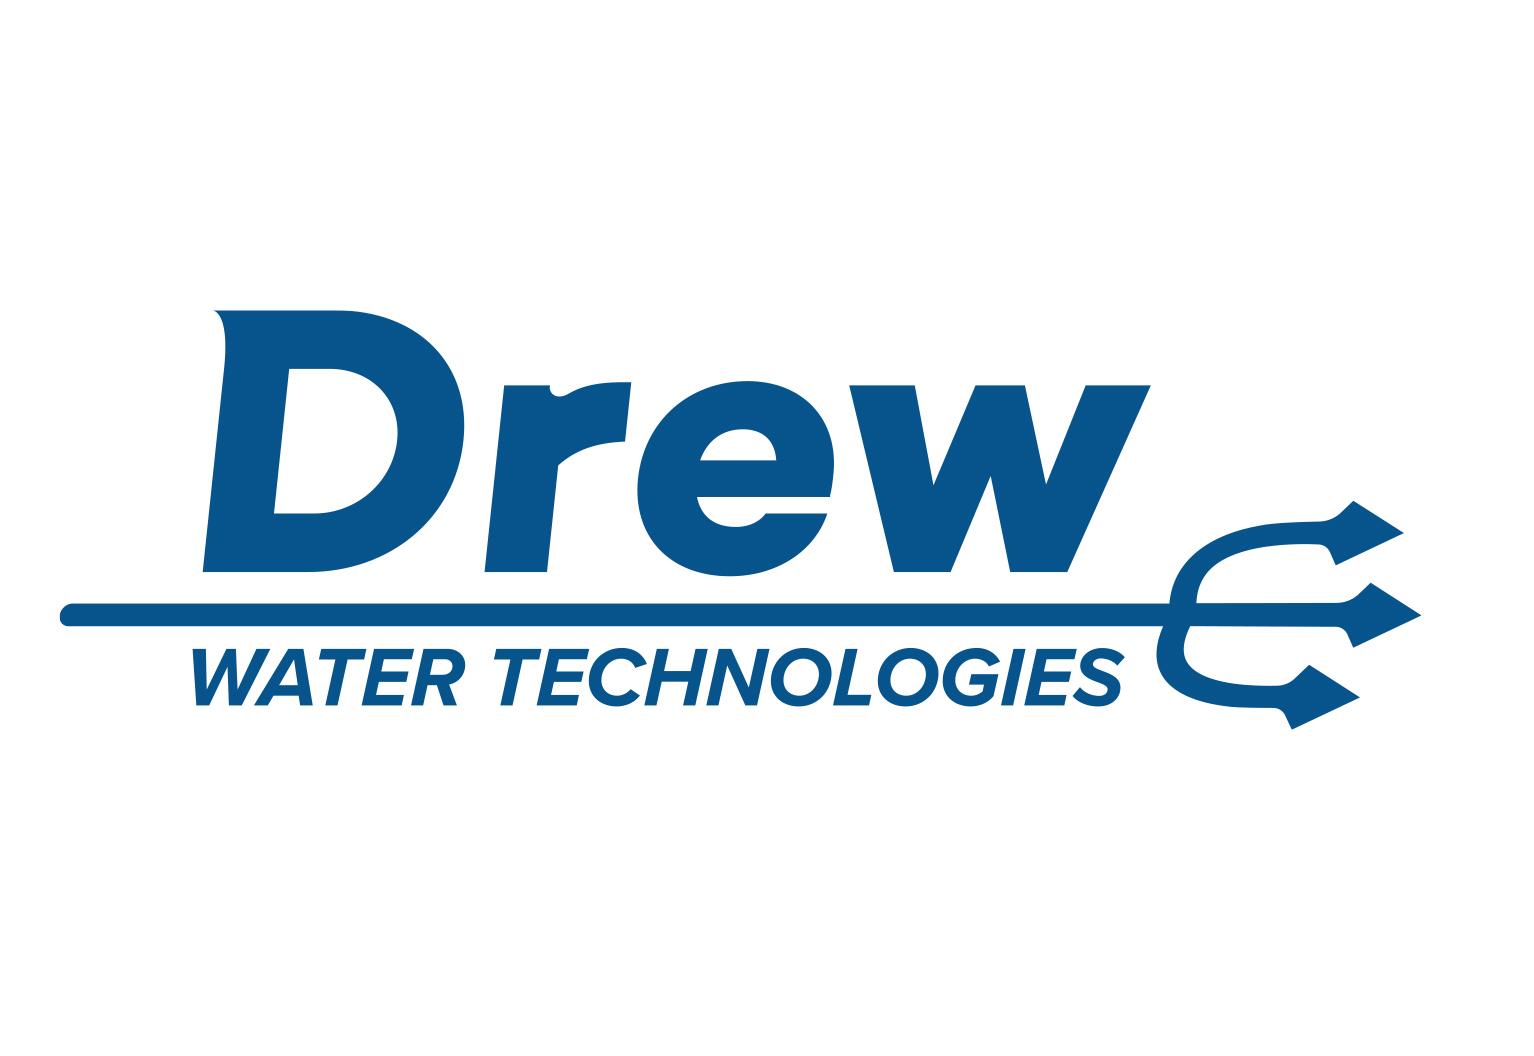 dmwatertech-pressrelease-thumbnail.jpg